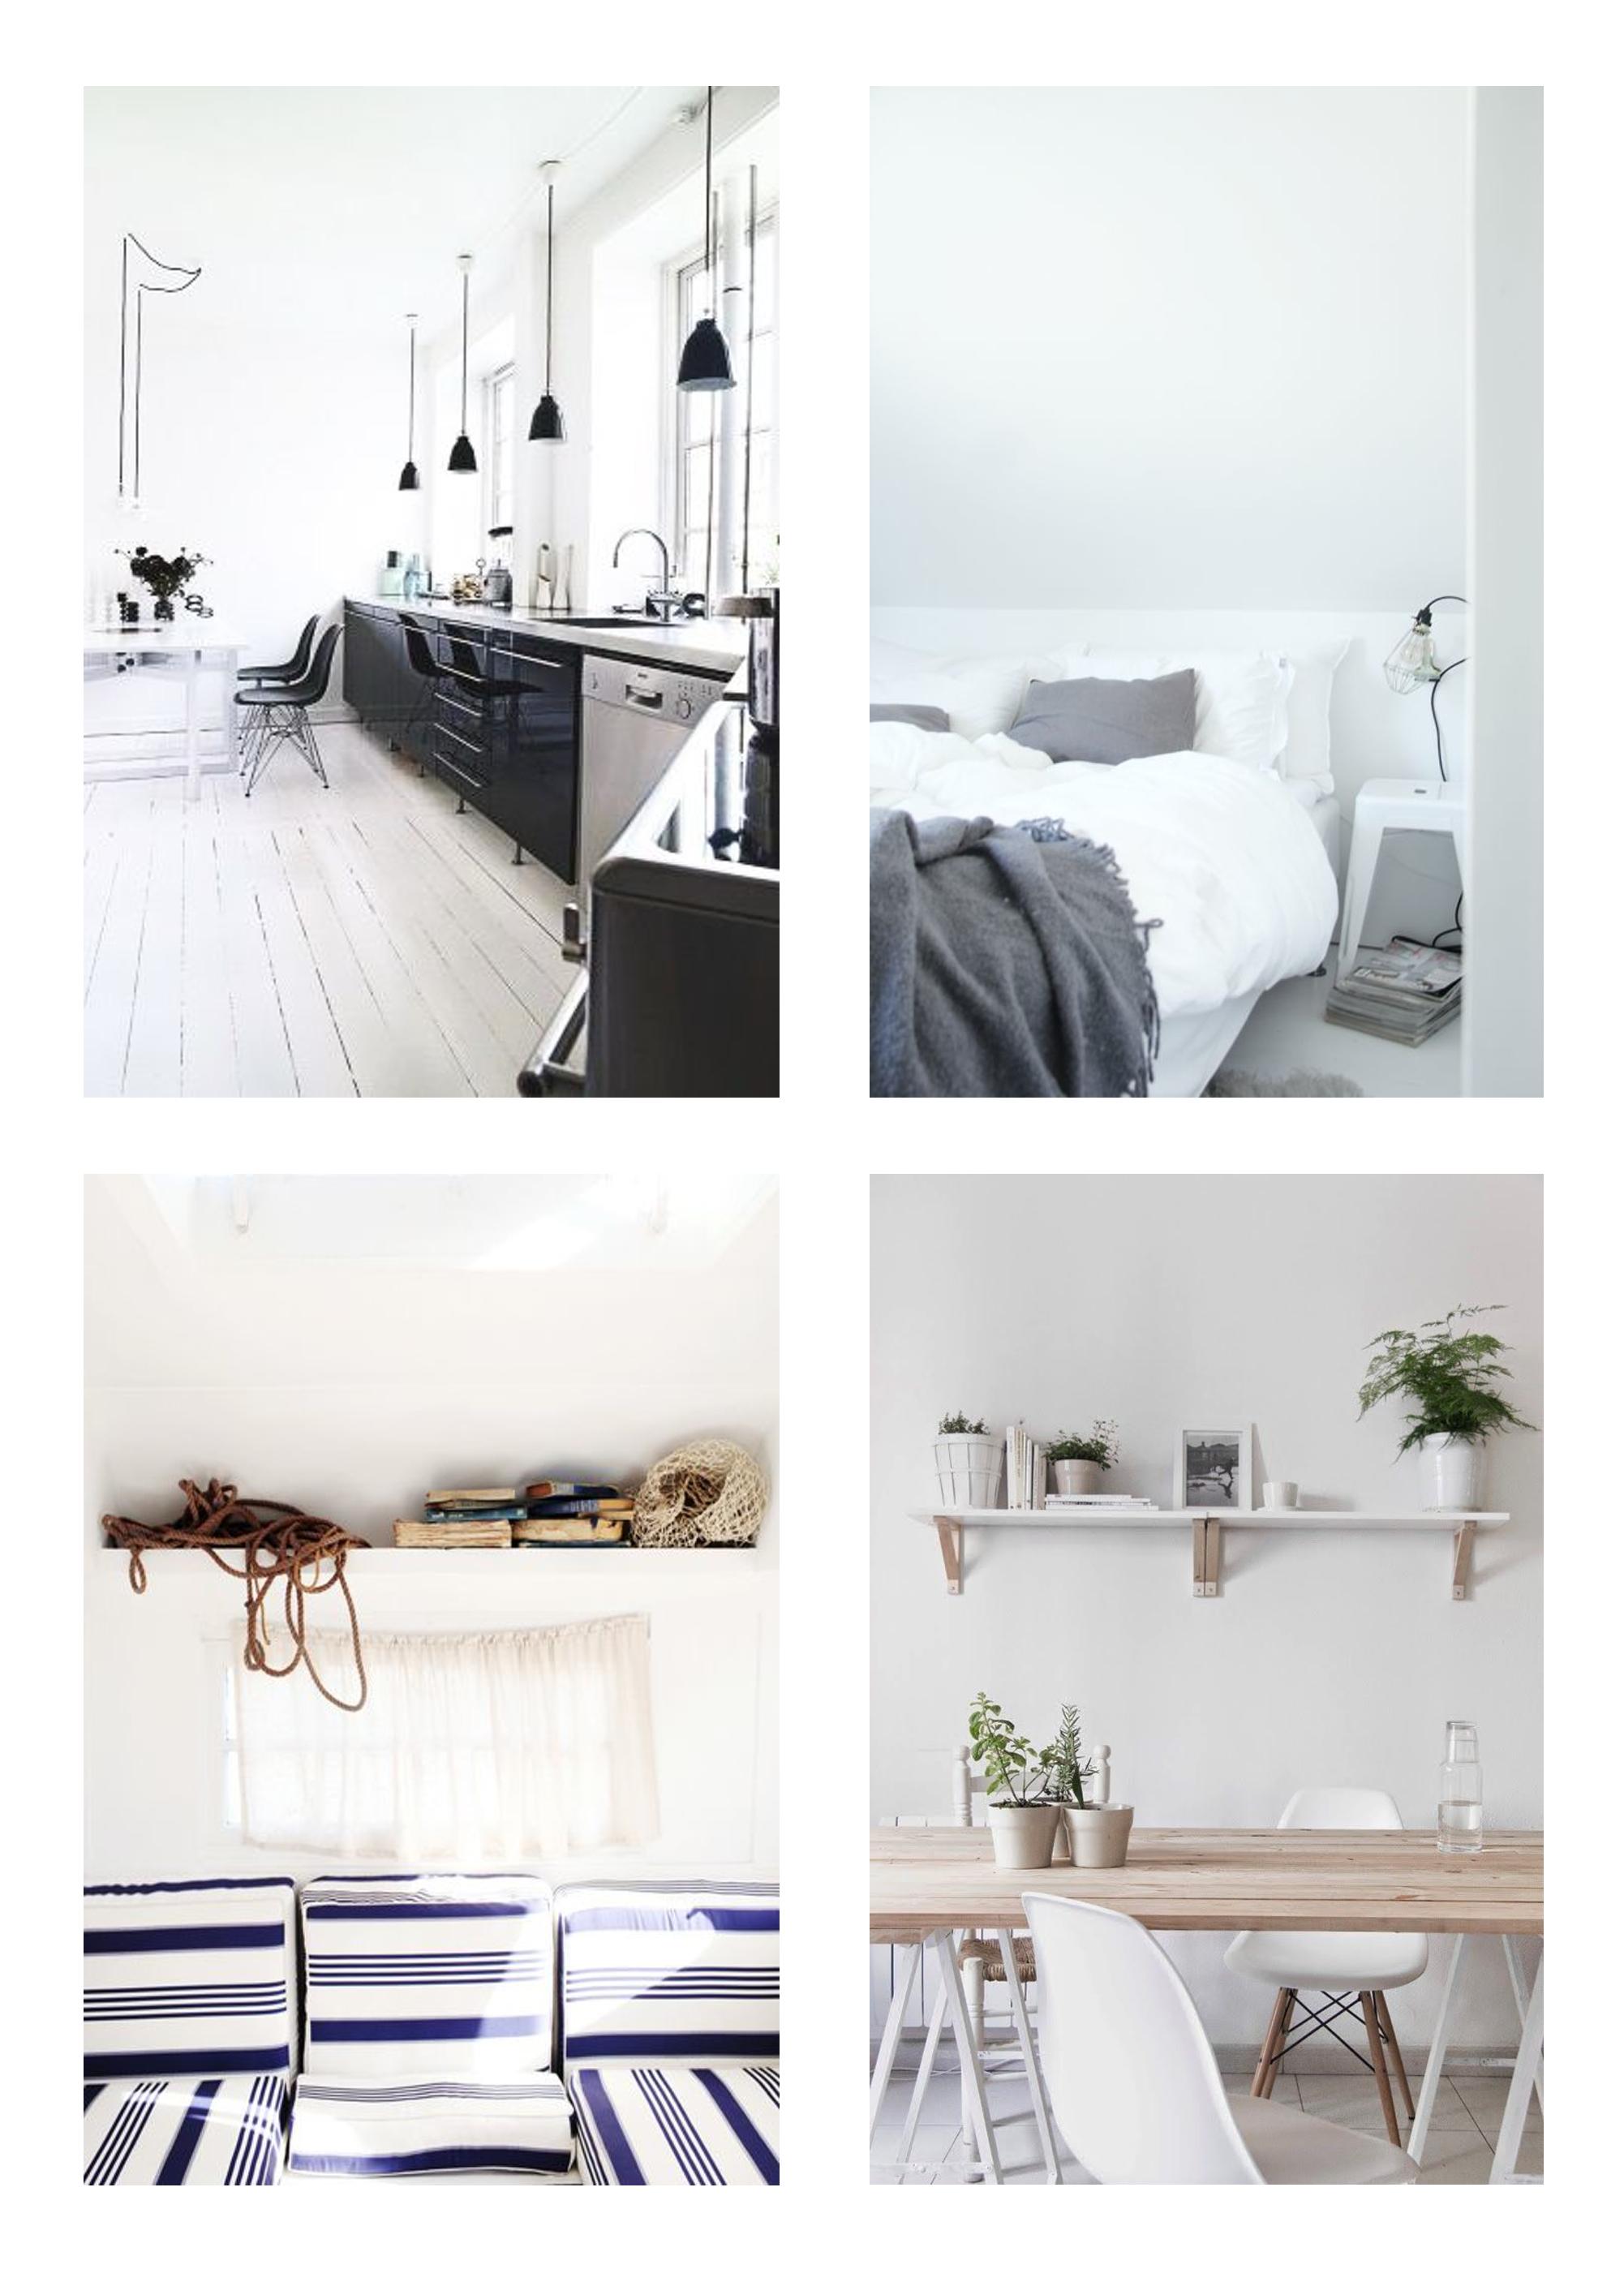 Silla madera archivos dekodirect blog - Como limpiar paredes blancas ...